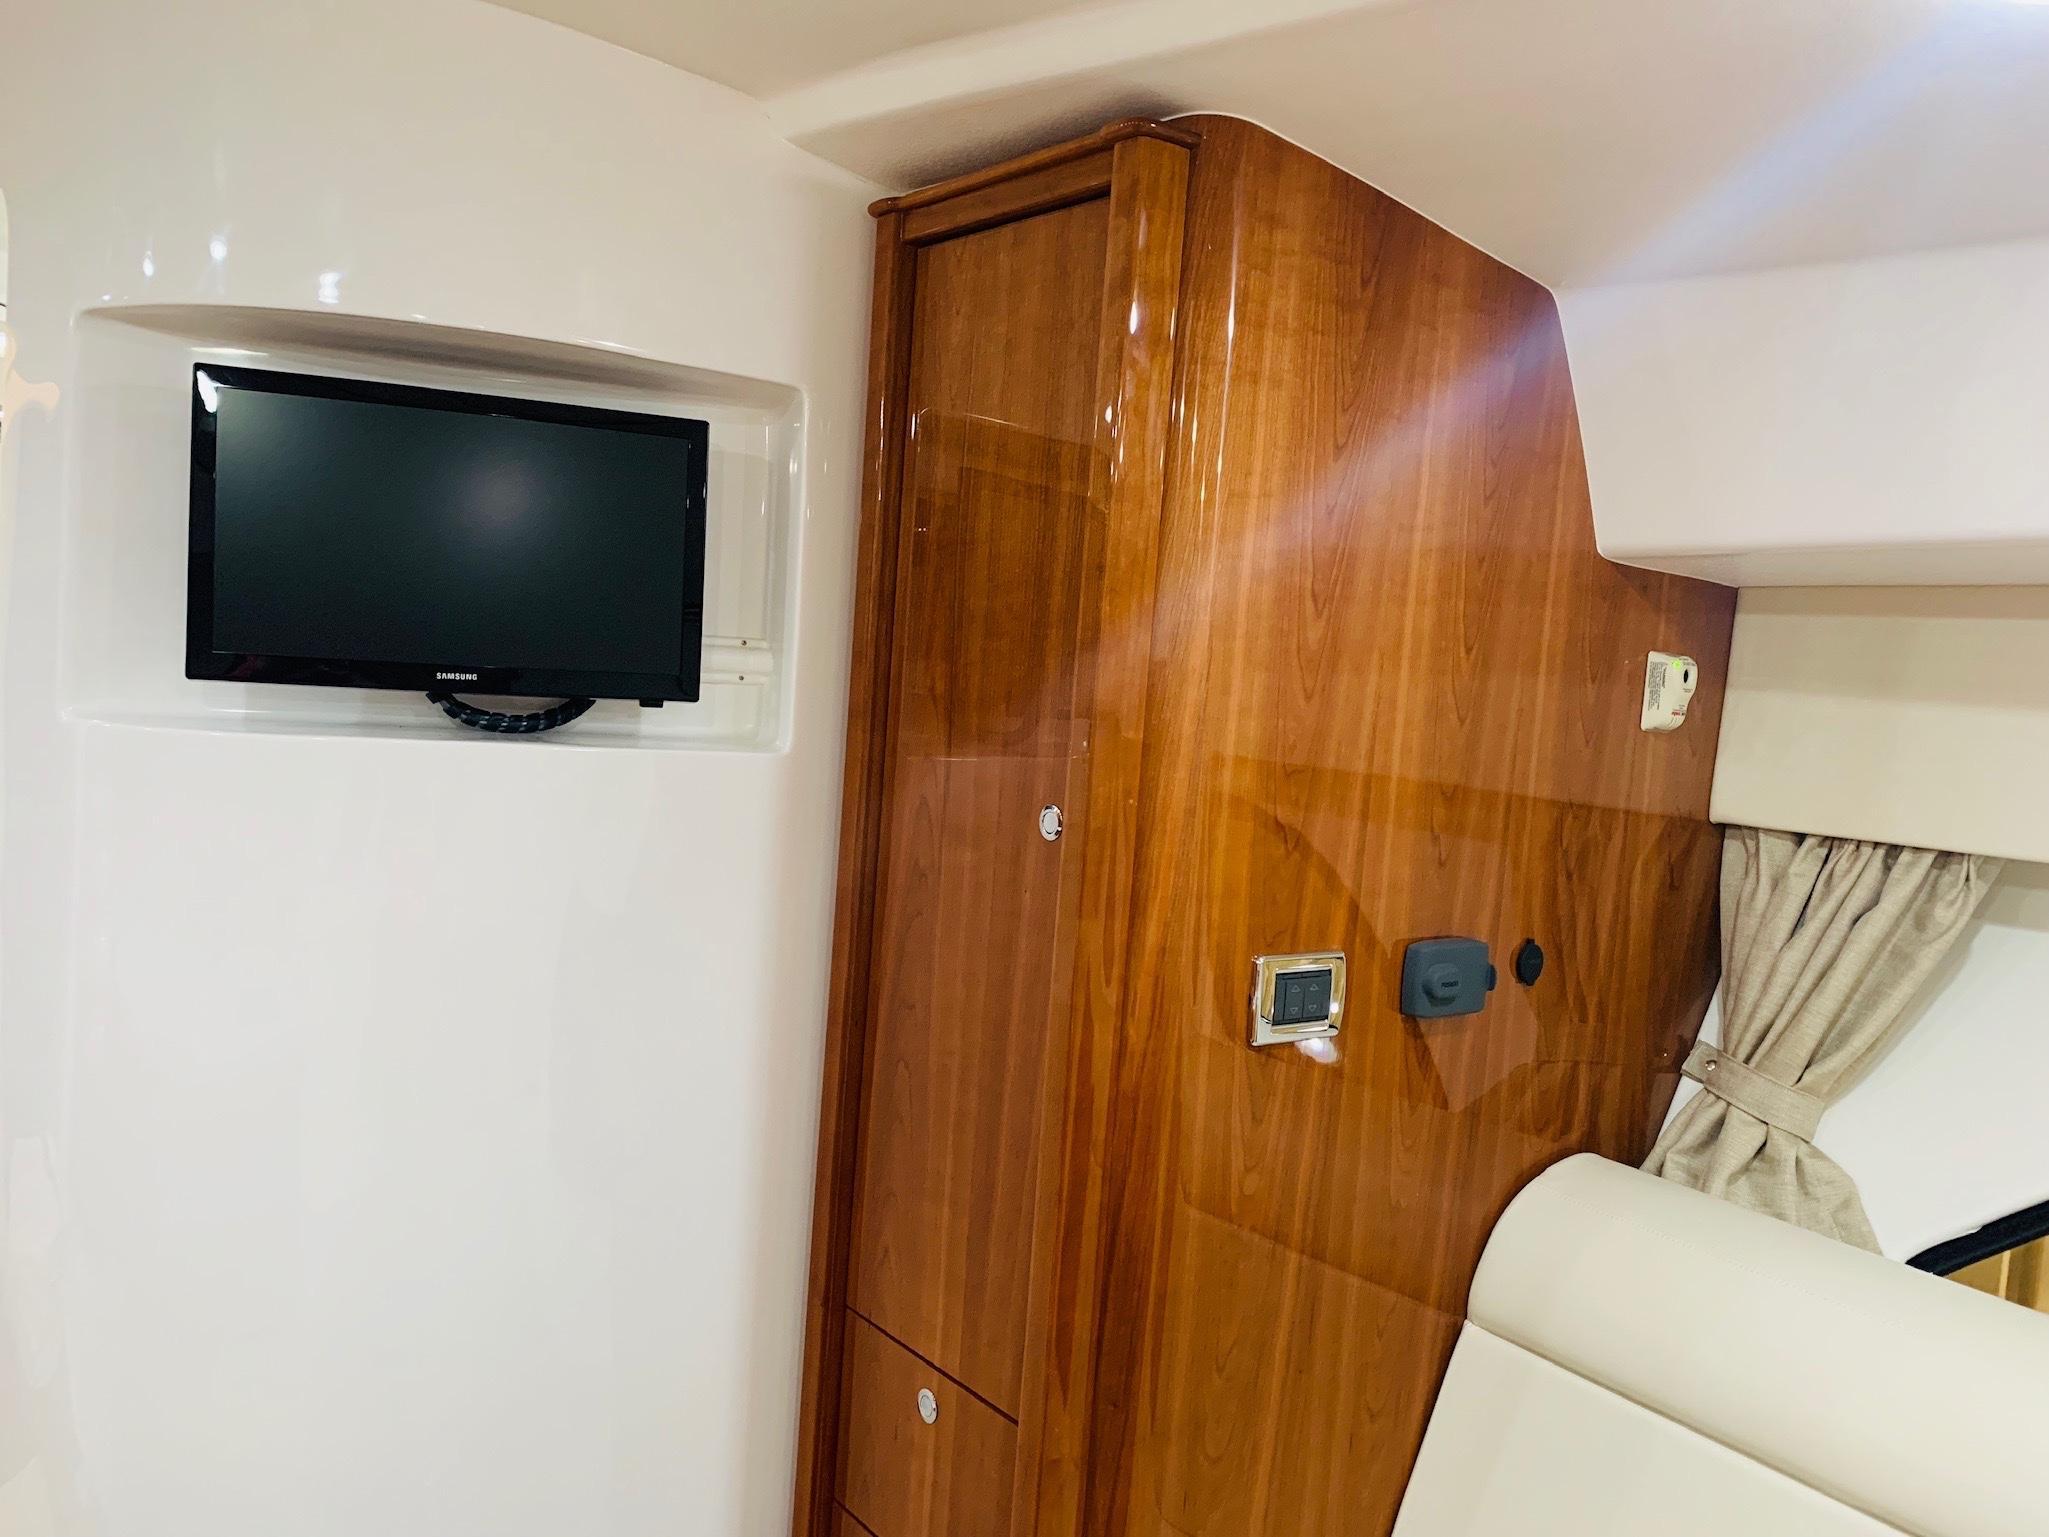 48 Intrepid Salon Tv & Hanging Locker